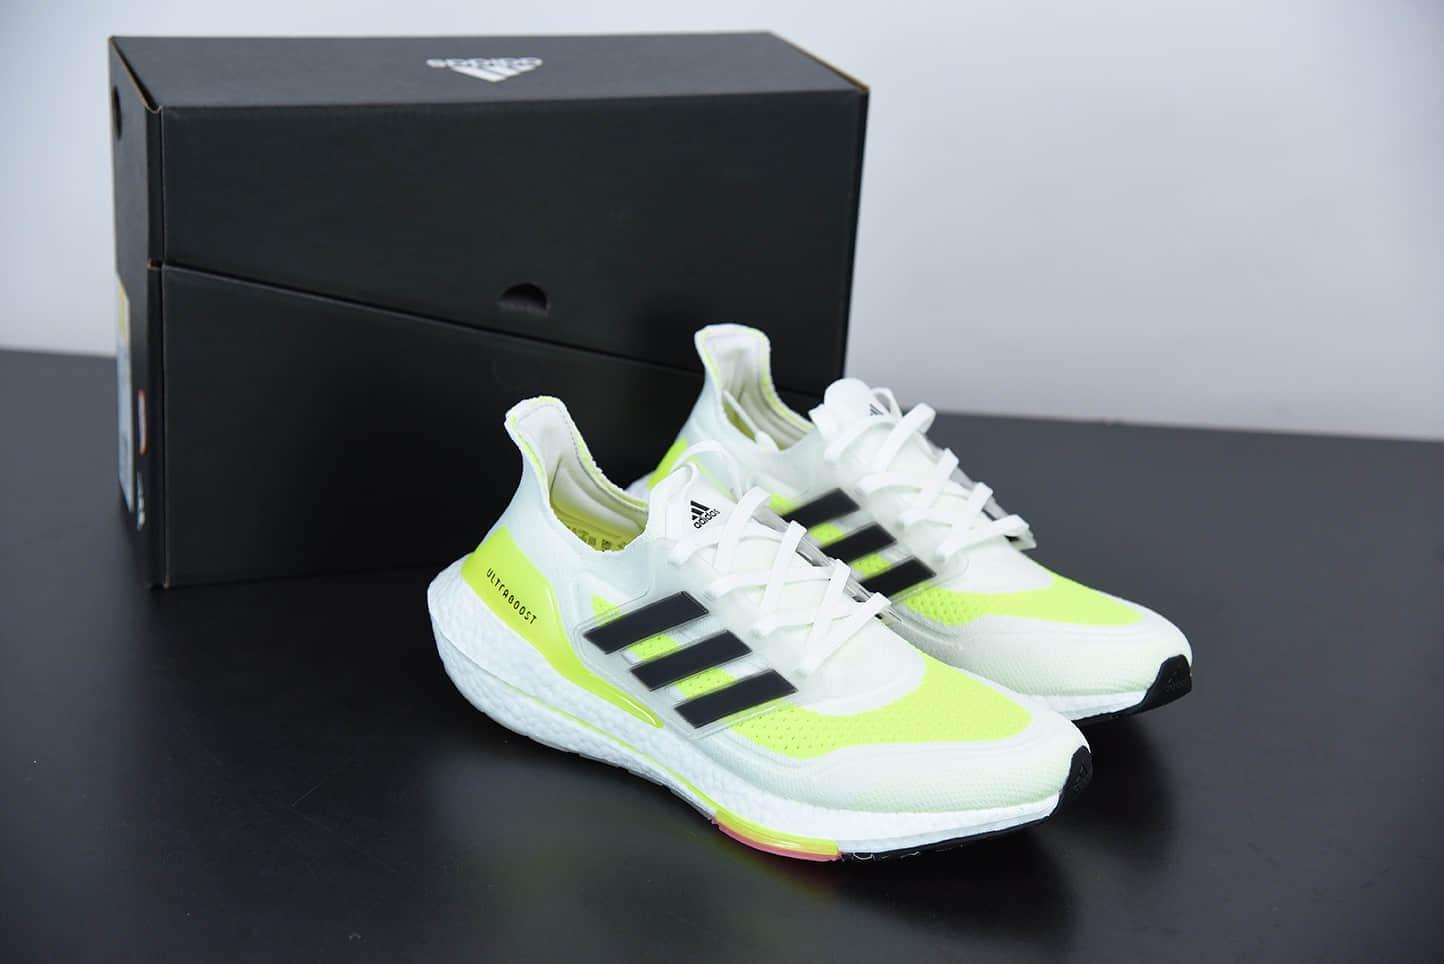 阿迪达斯Adidas Ultra Boost UB21白绿超弹力爆米花中底休闲跑步鞋纯原版本 货号:FY0377